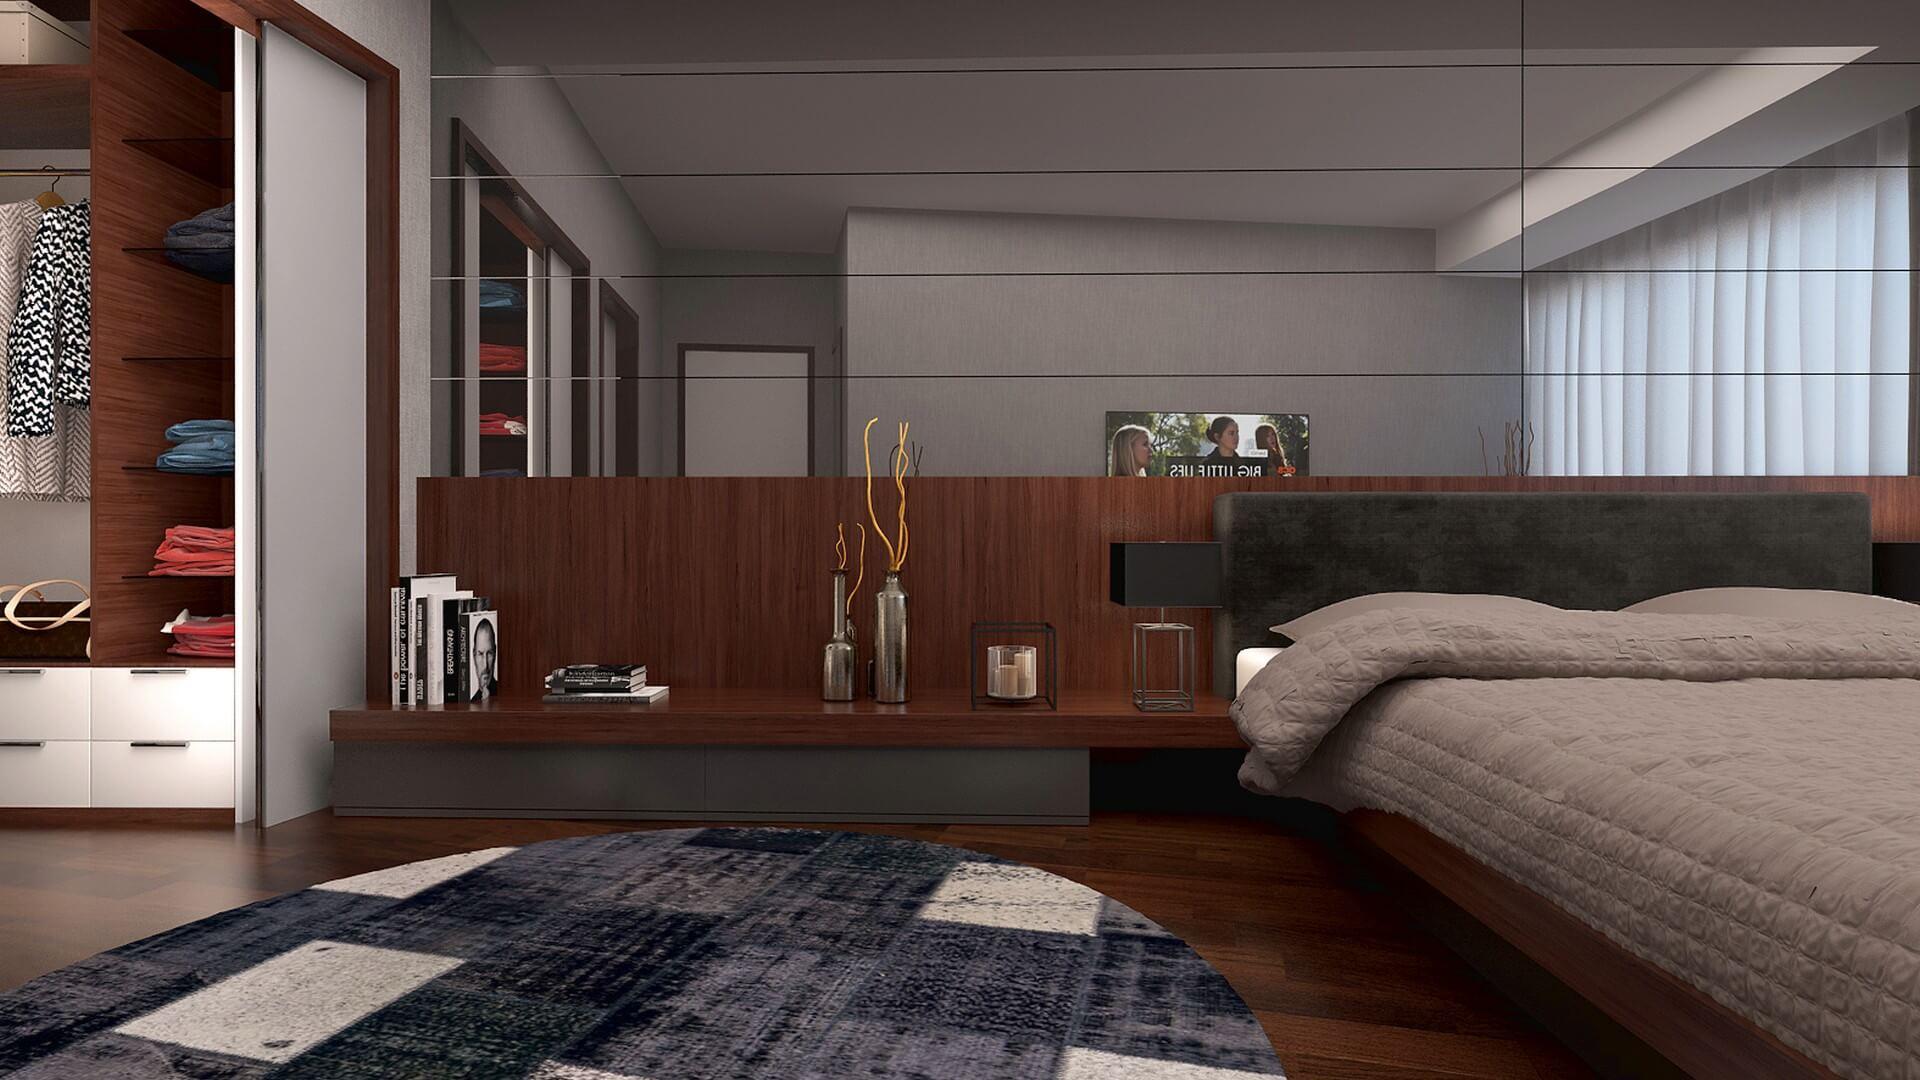 H. Aslan Flat, Residential